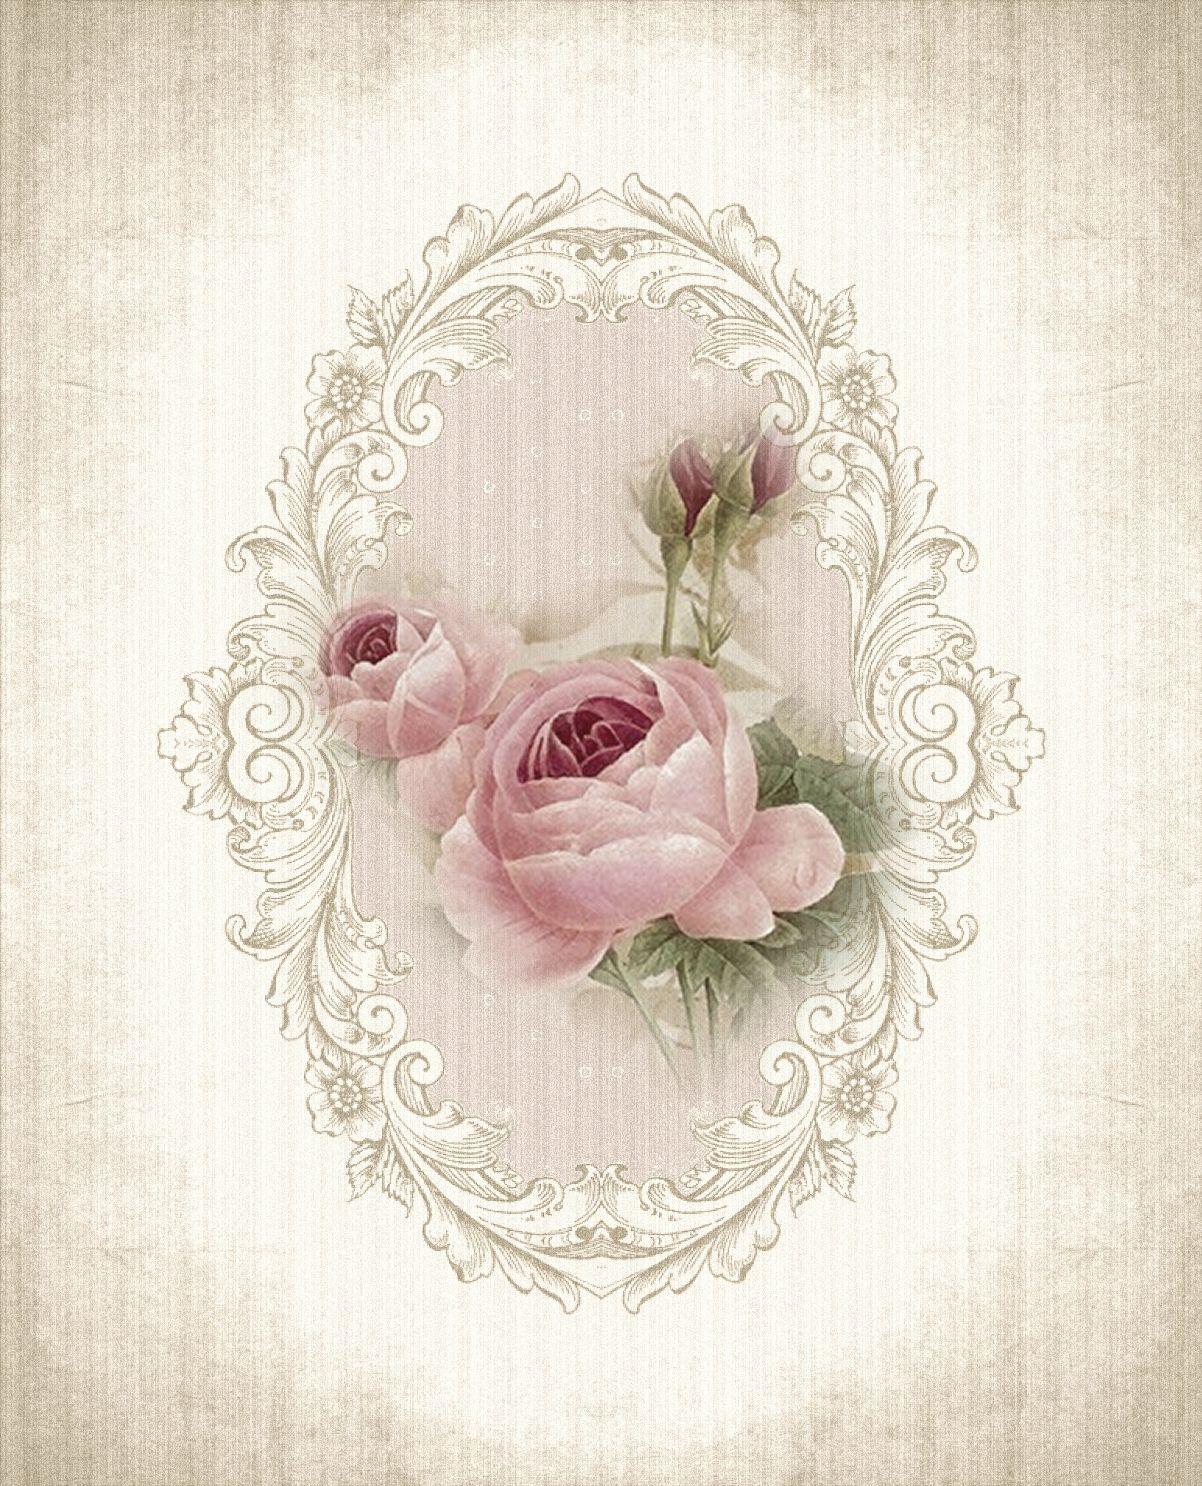 Vintage rose printable beautiful roza vintage pinterest vintage decoupage and rose - Papel de arroz para decorar muebles ...